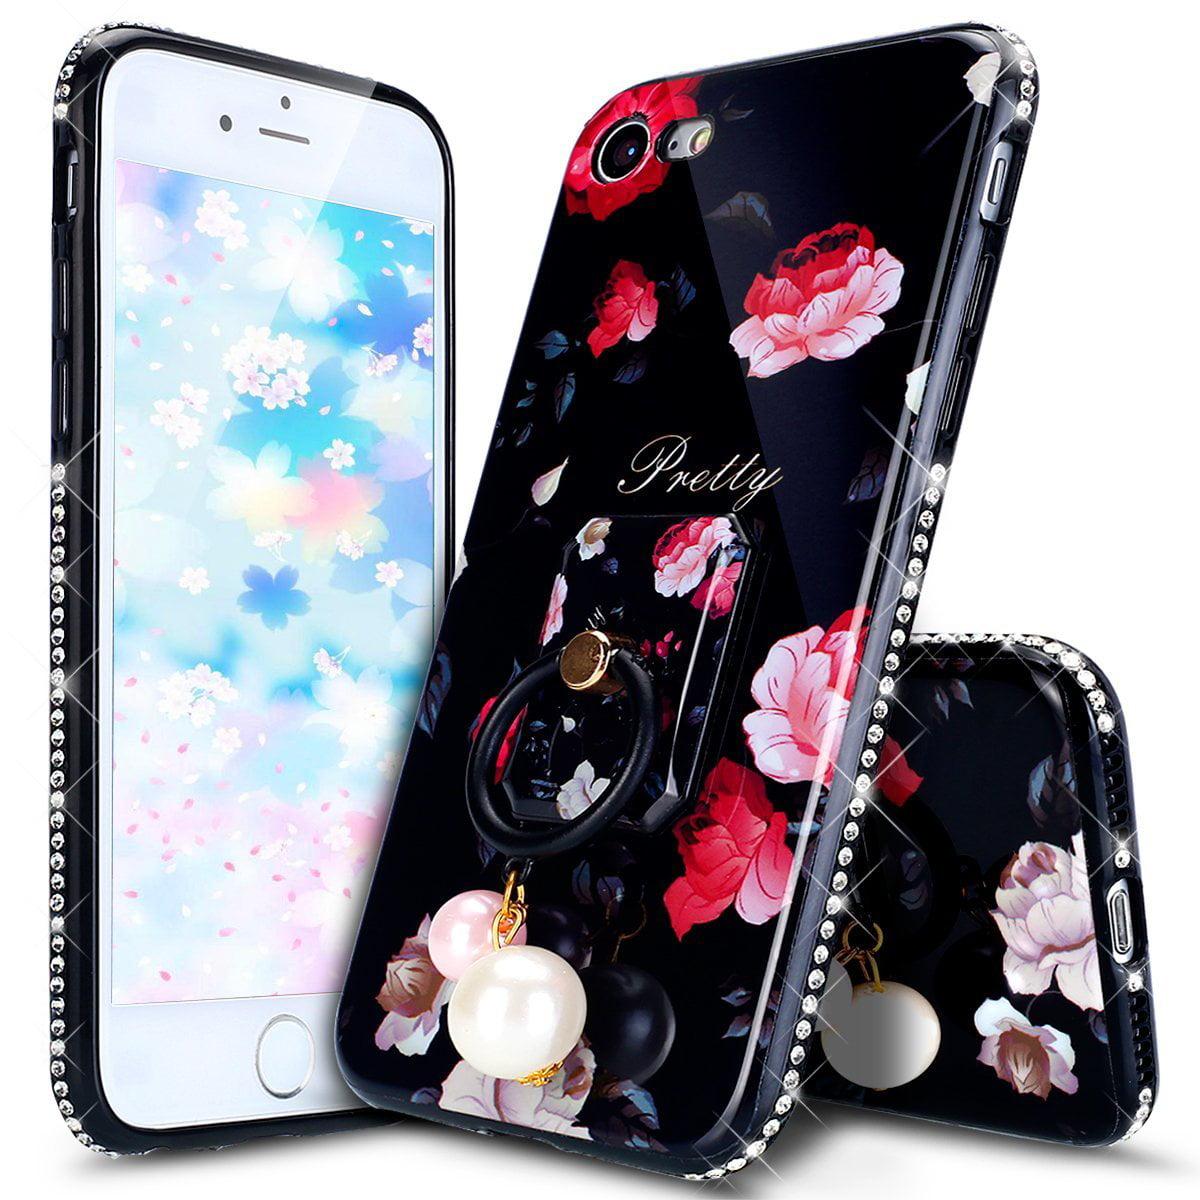 Iphone 8 Case Iphone 7 Case Glitter Tpu Case Black Rose Flower